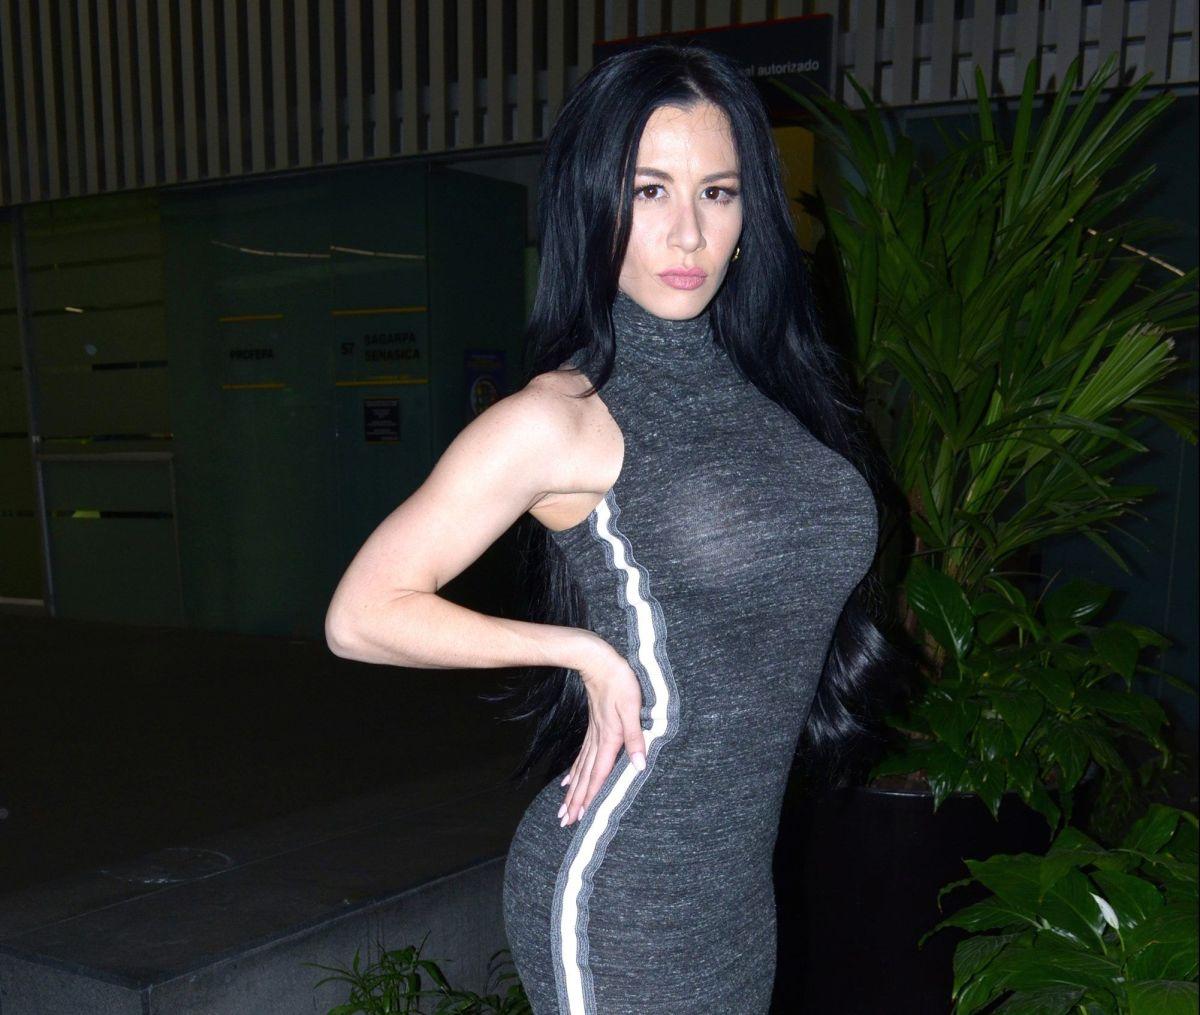 La foto de Diosa Canales posando completamente desnuda que Instagram censuró